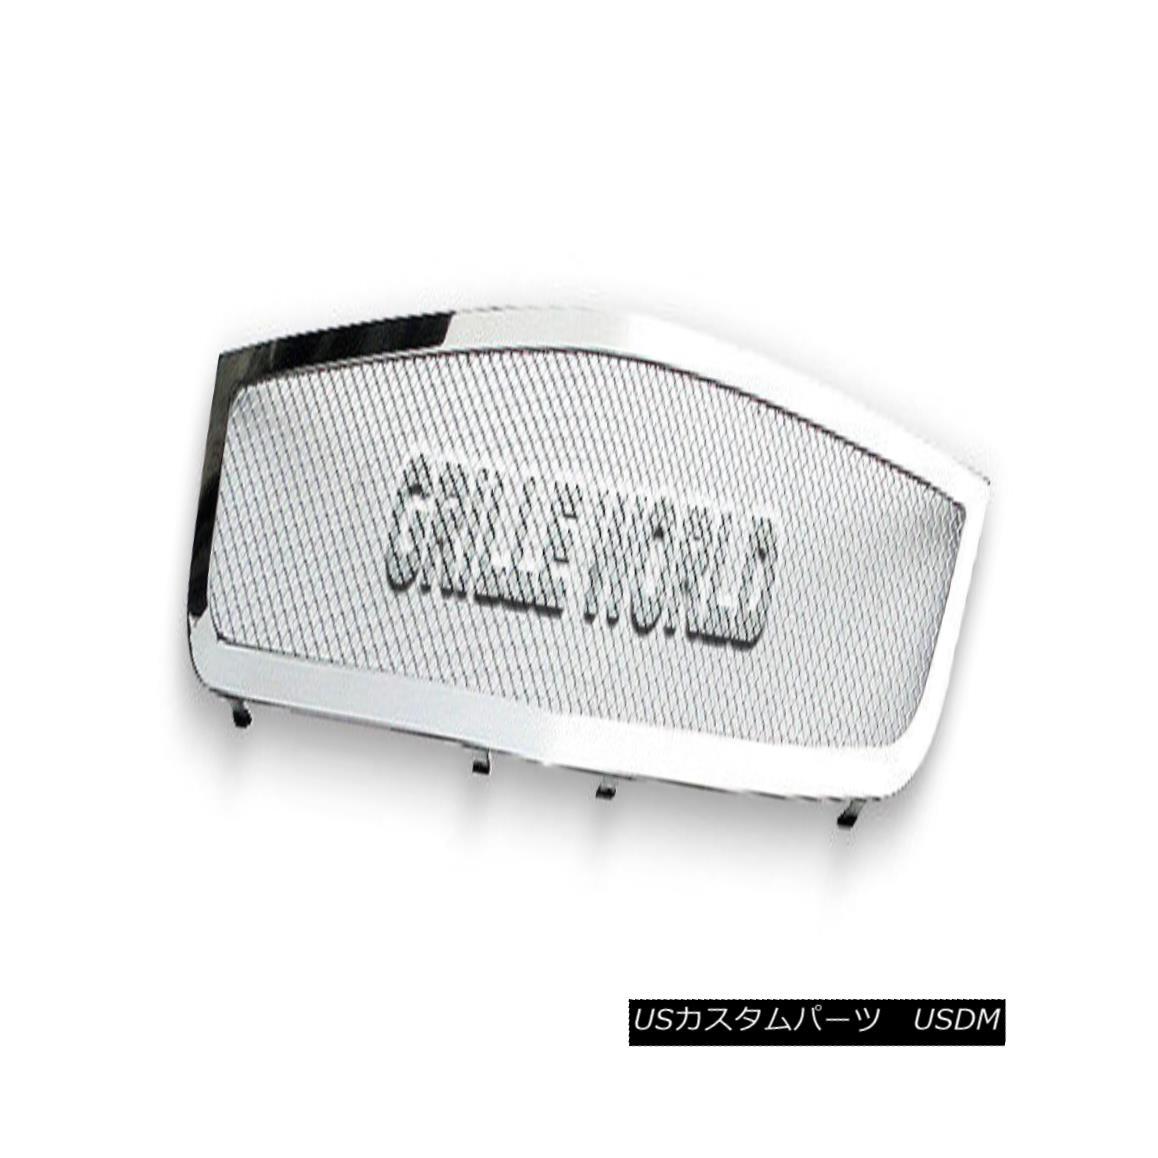 グリル Customized For 06-10 Cadillac DTS Stainless Mesh Premium Grille Insert 06-10キャデラックDTSステンレスメッシュプレミアムグリルインサート用にカスタマイズ